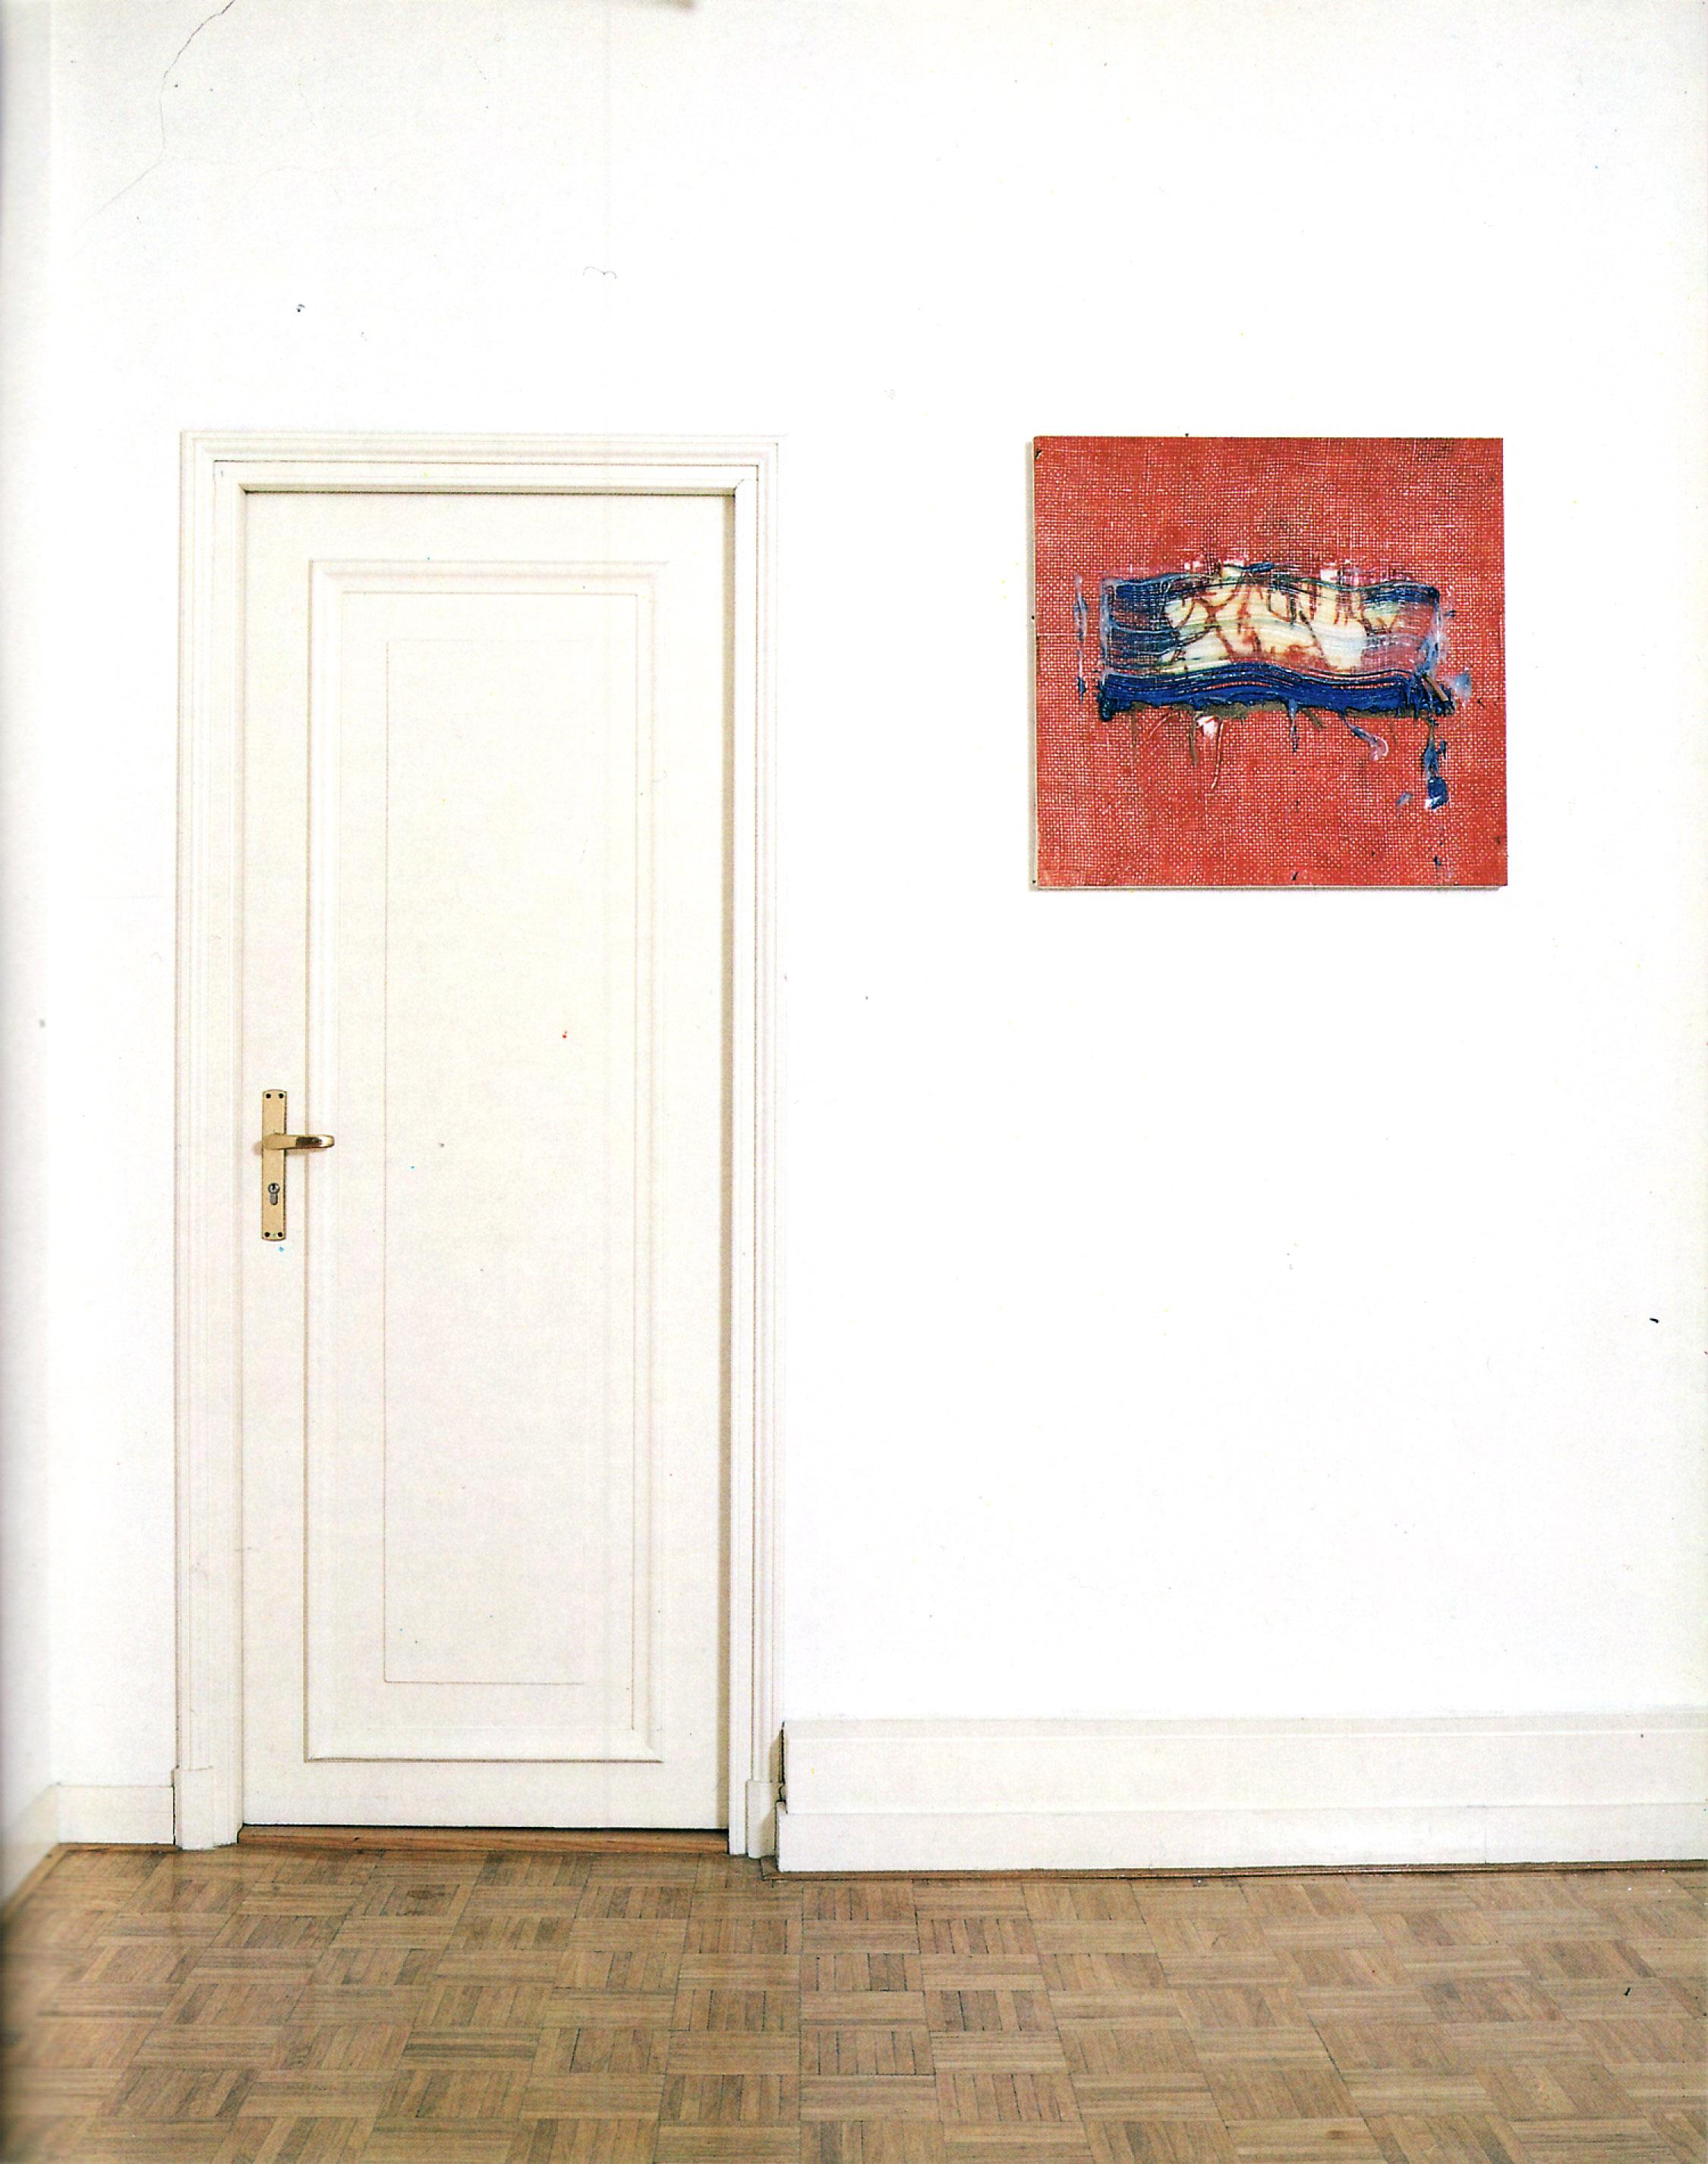 Mutual Betrayal no. 8 (Ground Activation), 1993